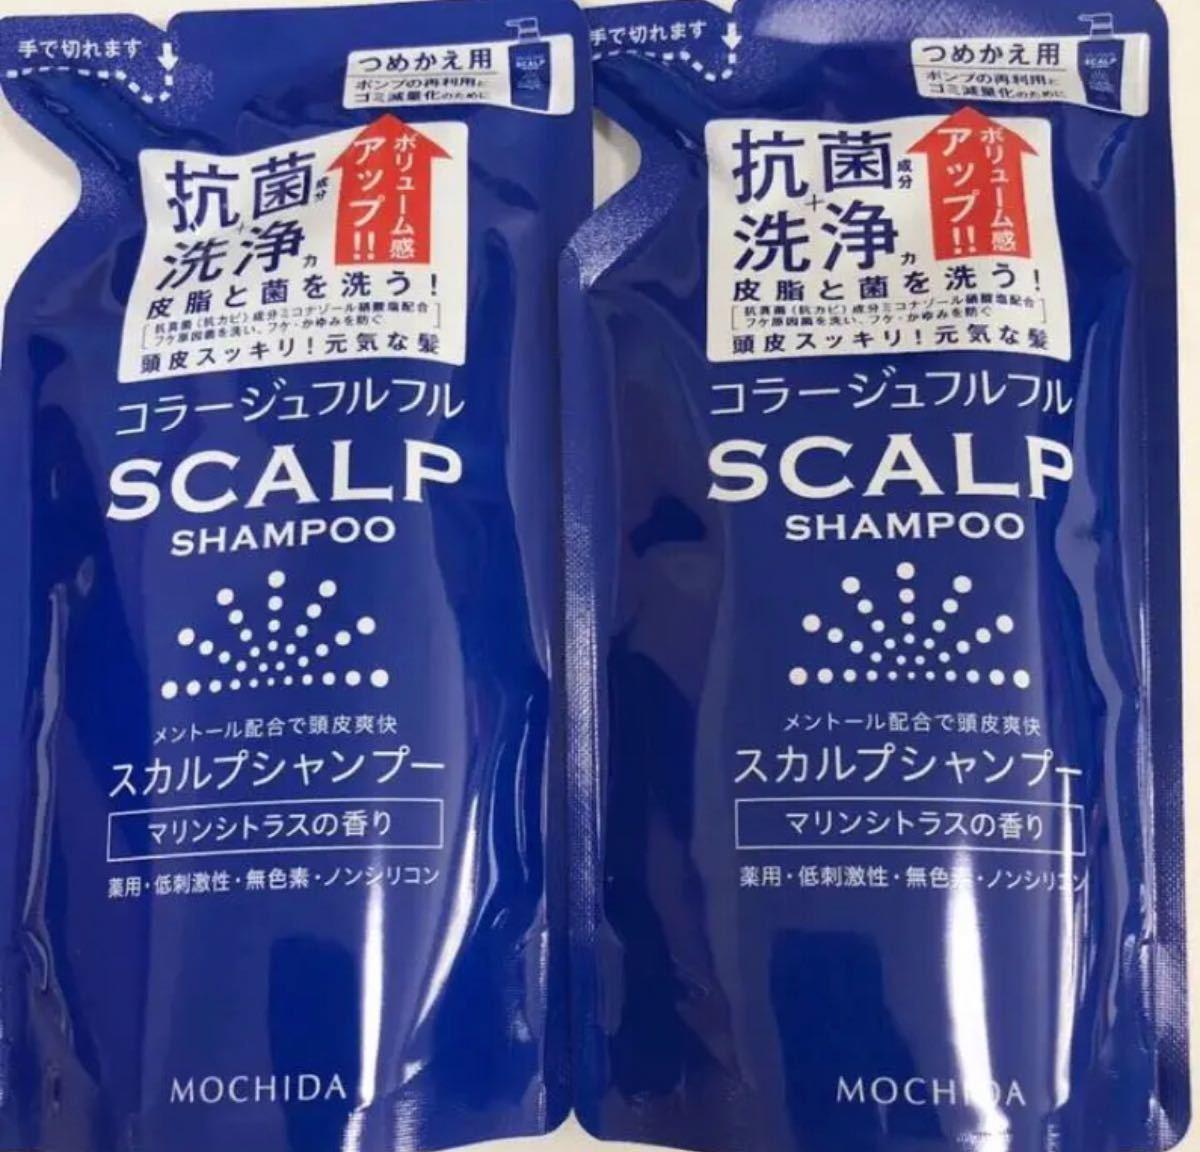 【新品】コラージュフルフル スカルプシャンプー 詰め替え用 2袋セット